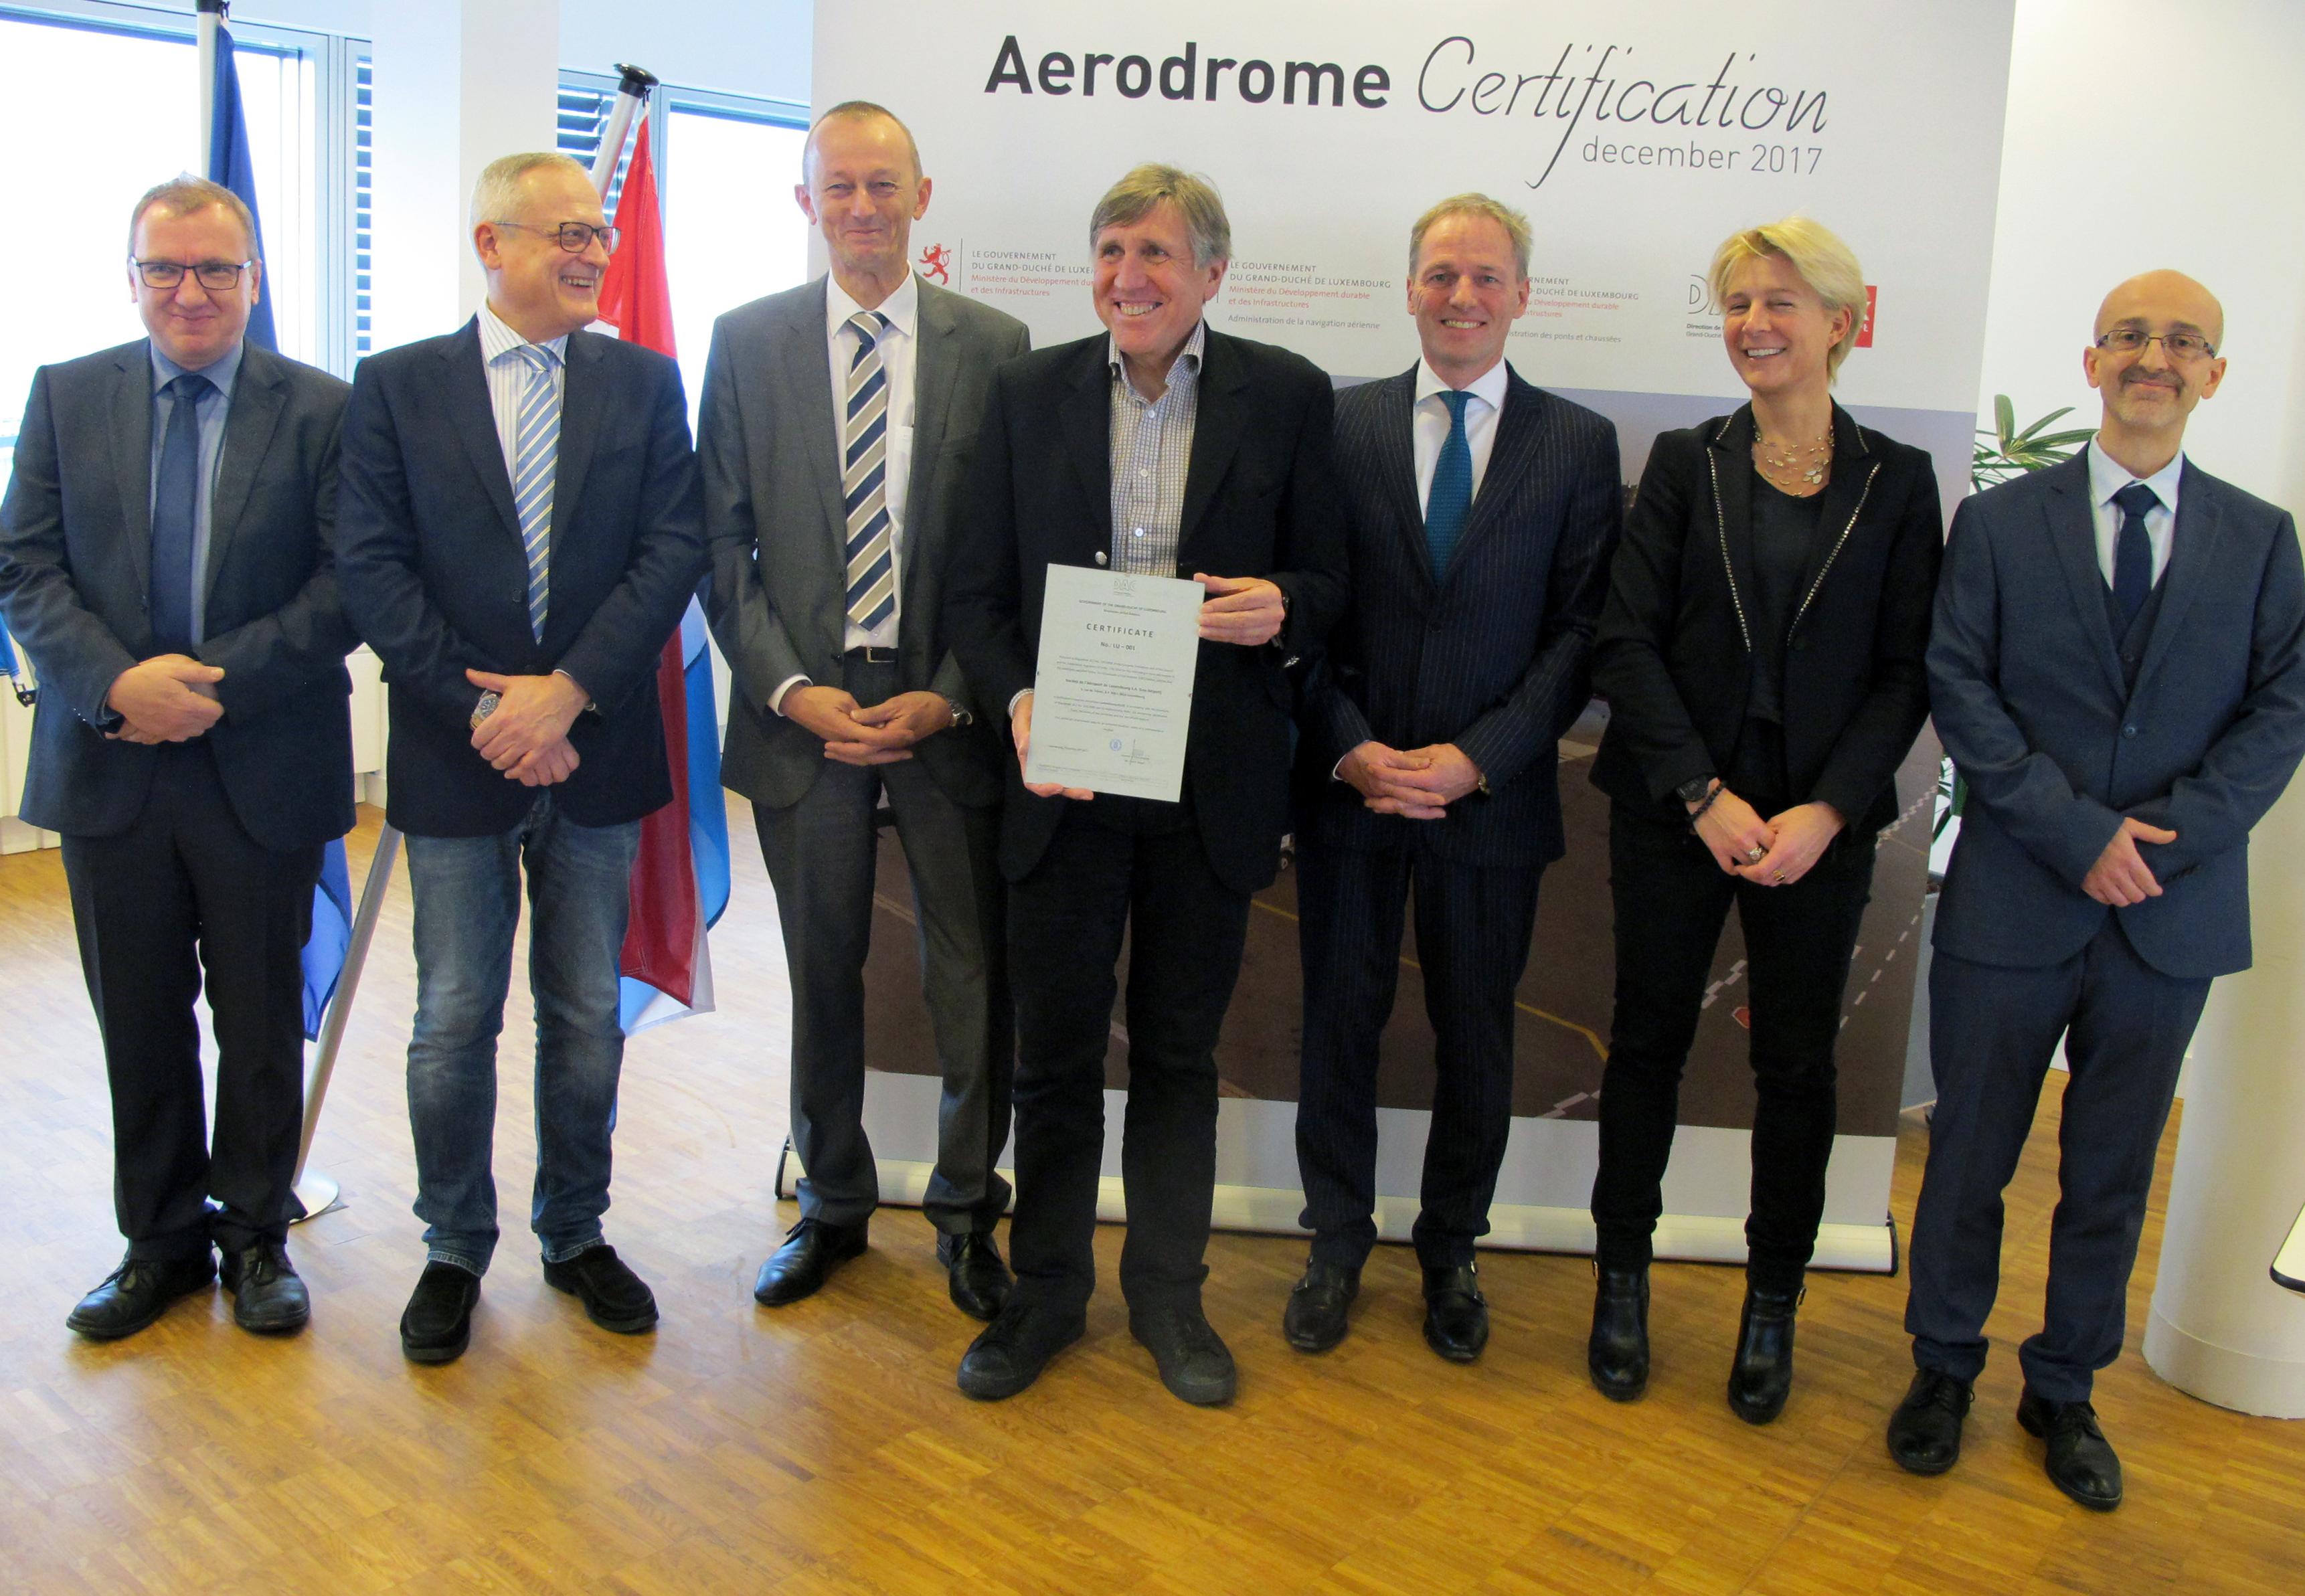 Claudio Clori (tout à droite sur l'image), nouveau directeur de l'Ana, lors de la présentation de la certification de l'aérodrome en décembre 2017. (Photo: MDDI)